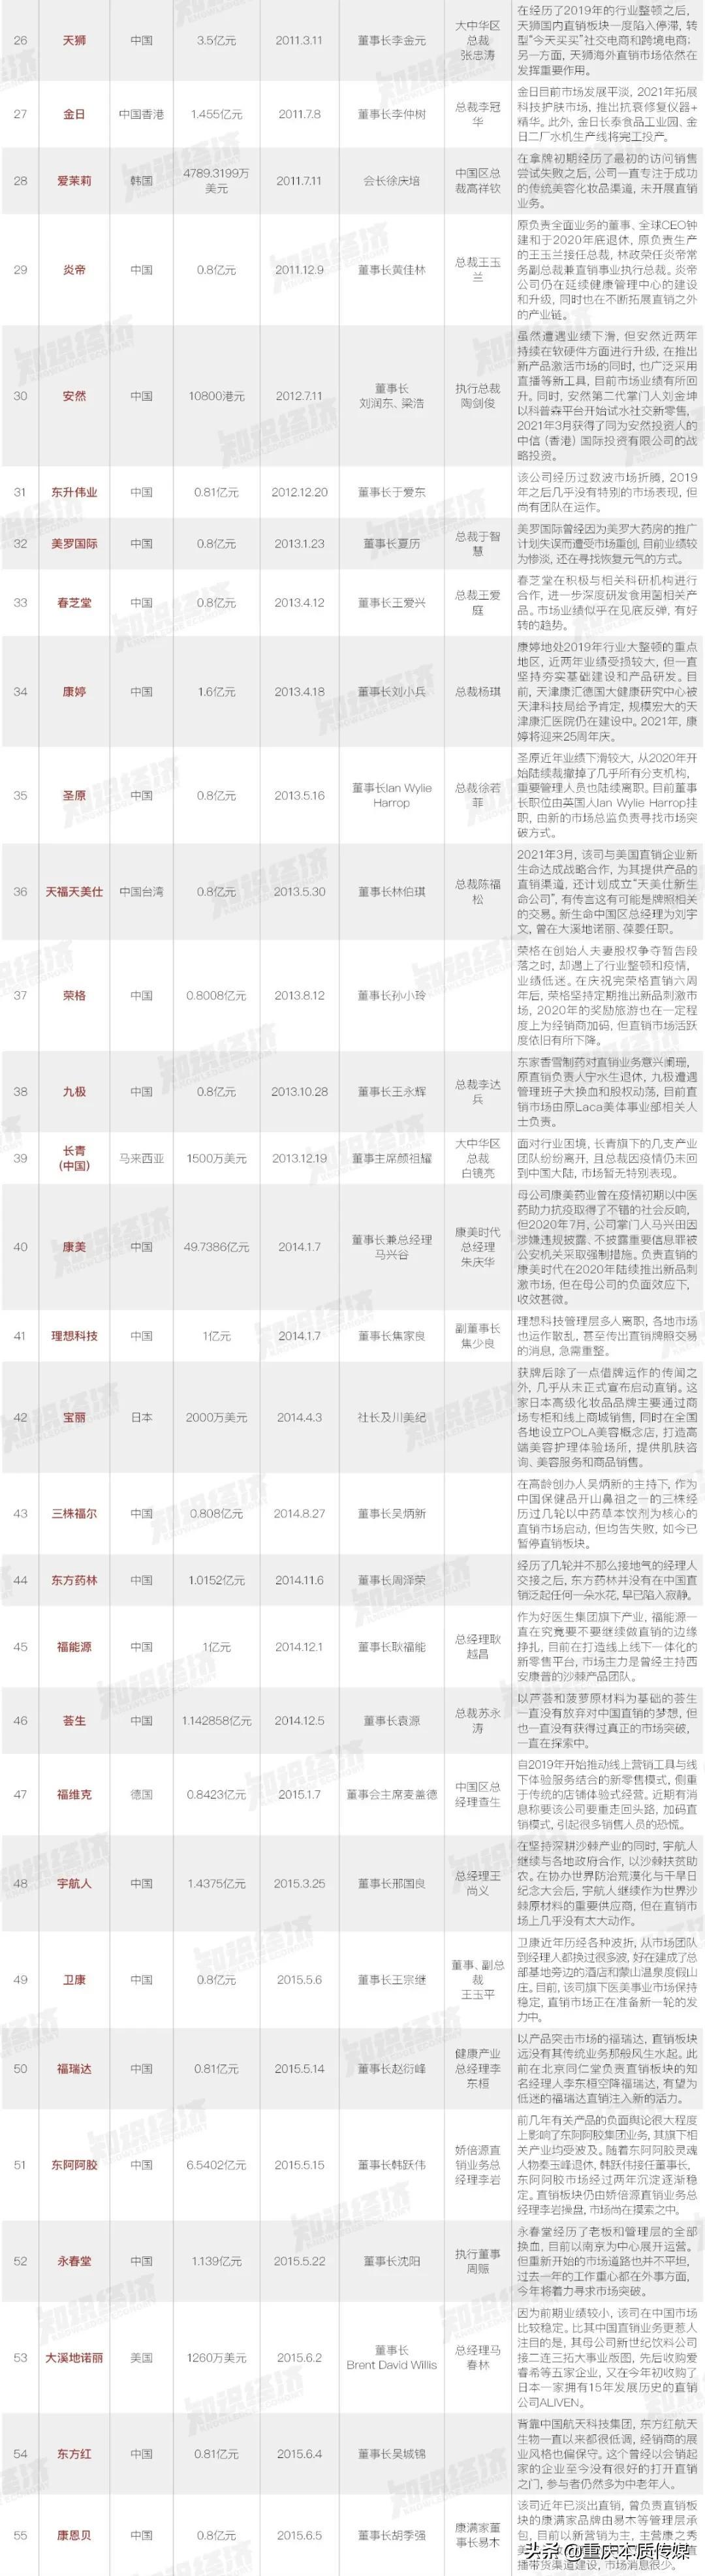 独家 中国88家直销企业沉浮录